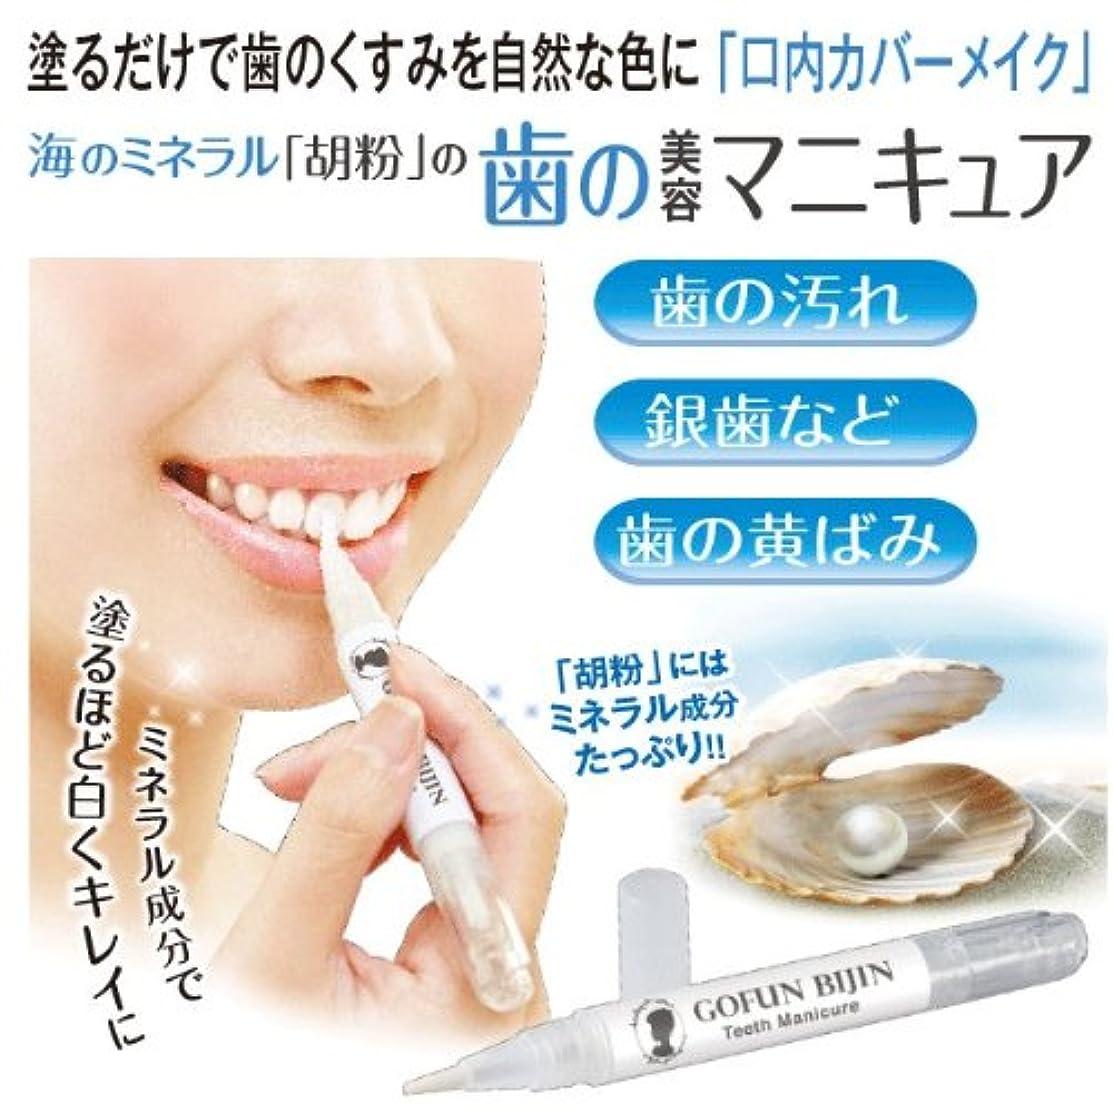 カップル花束残り物胡粉美人 歯マニキュア 歯にミネラルを補給してキレイに